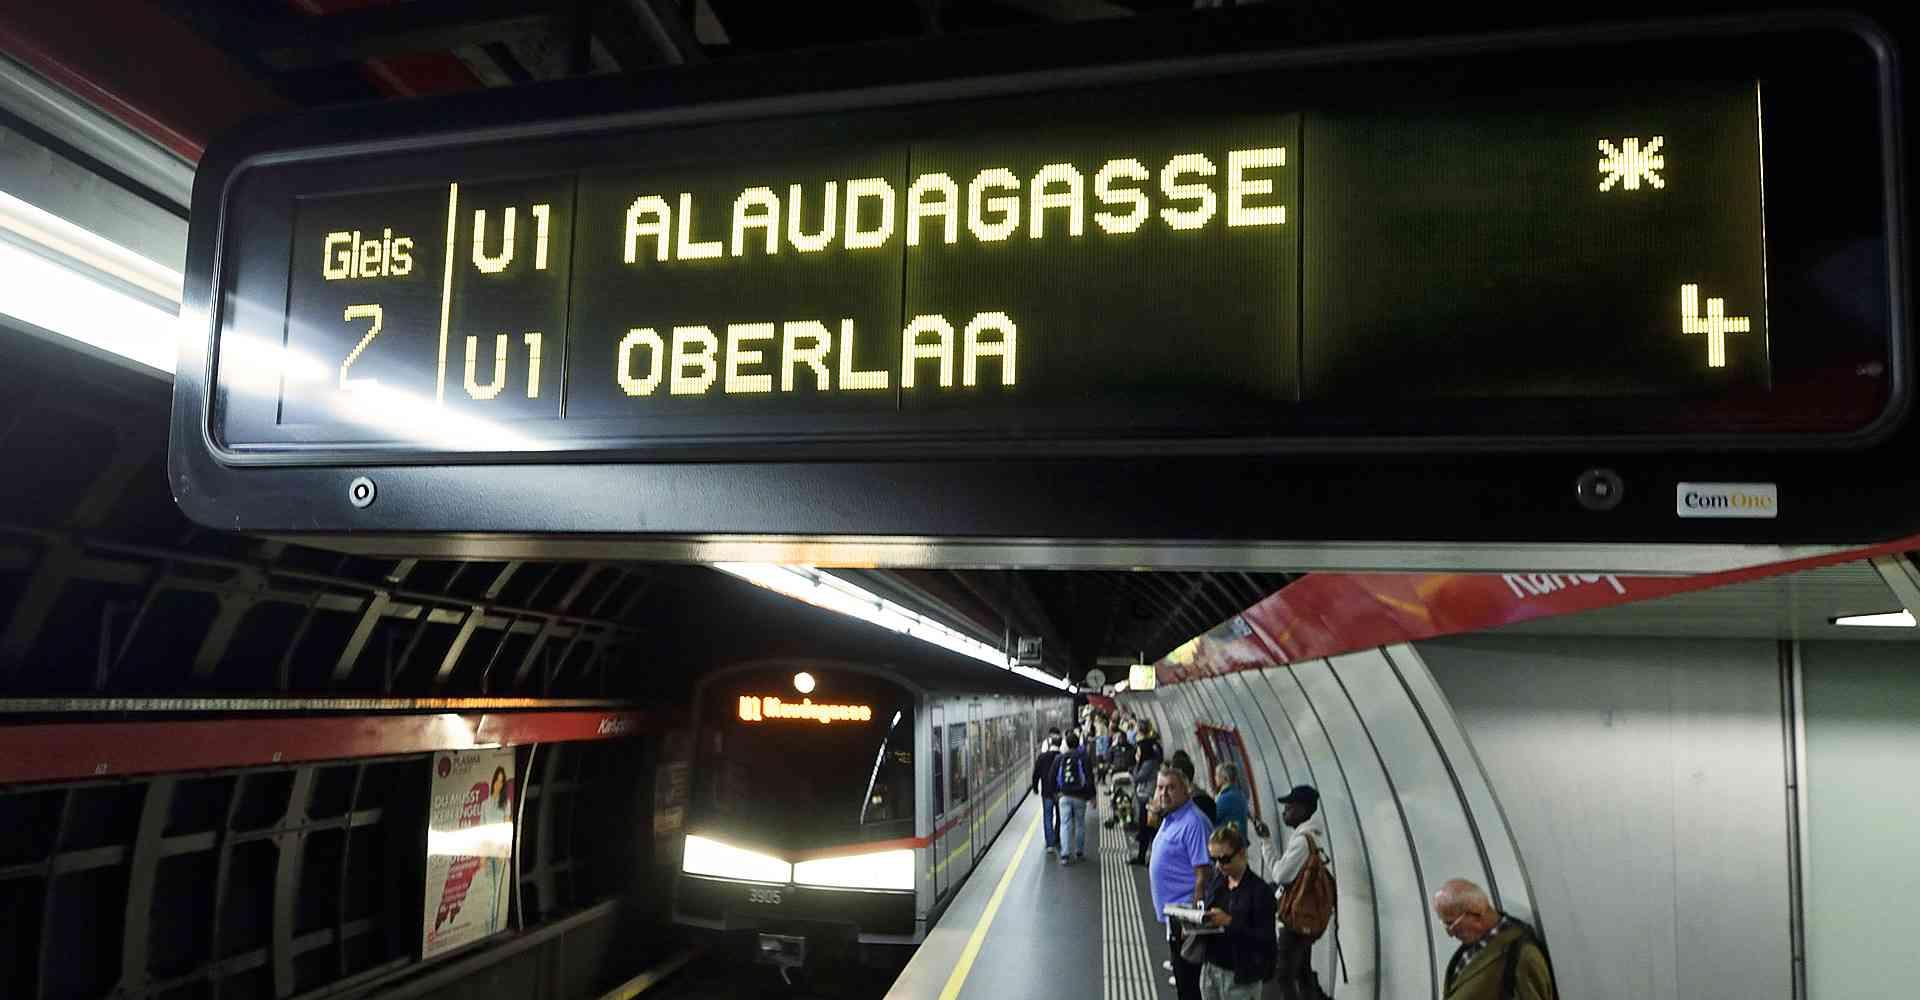 Zielanzeige der U1 nach Oberlaa.